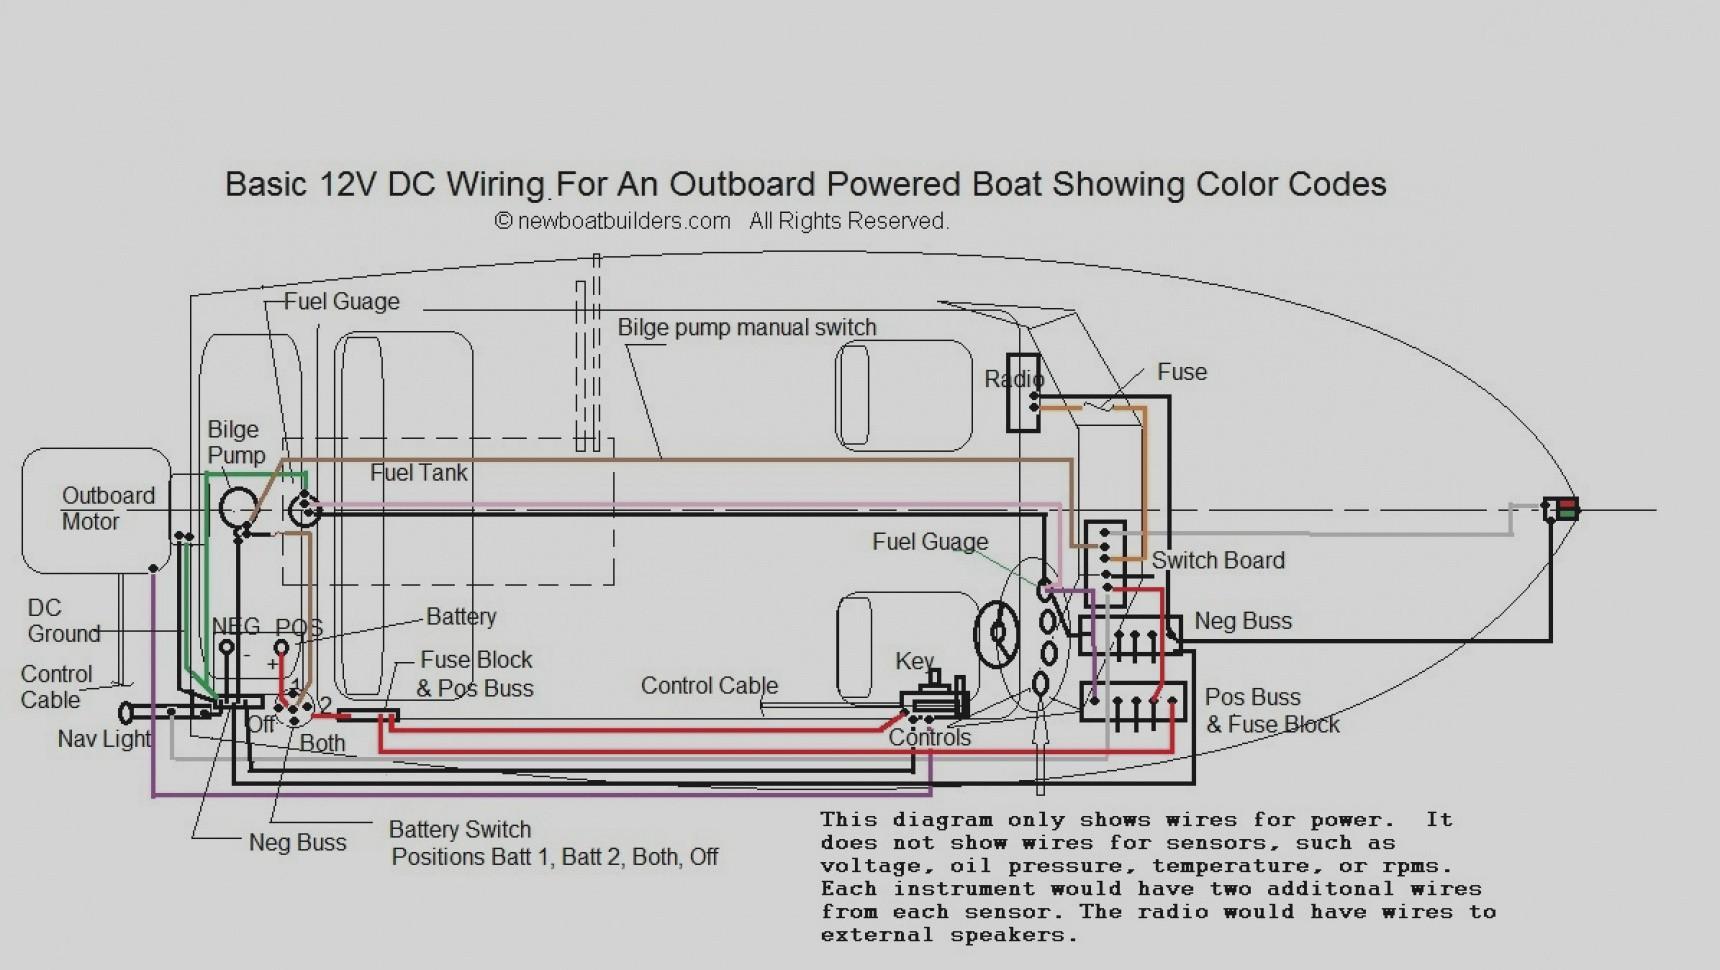 Rule Automatic Bilge Pump Wiring Diagram Wiring Diagram Image